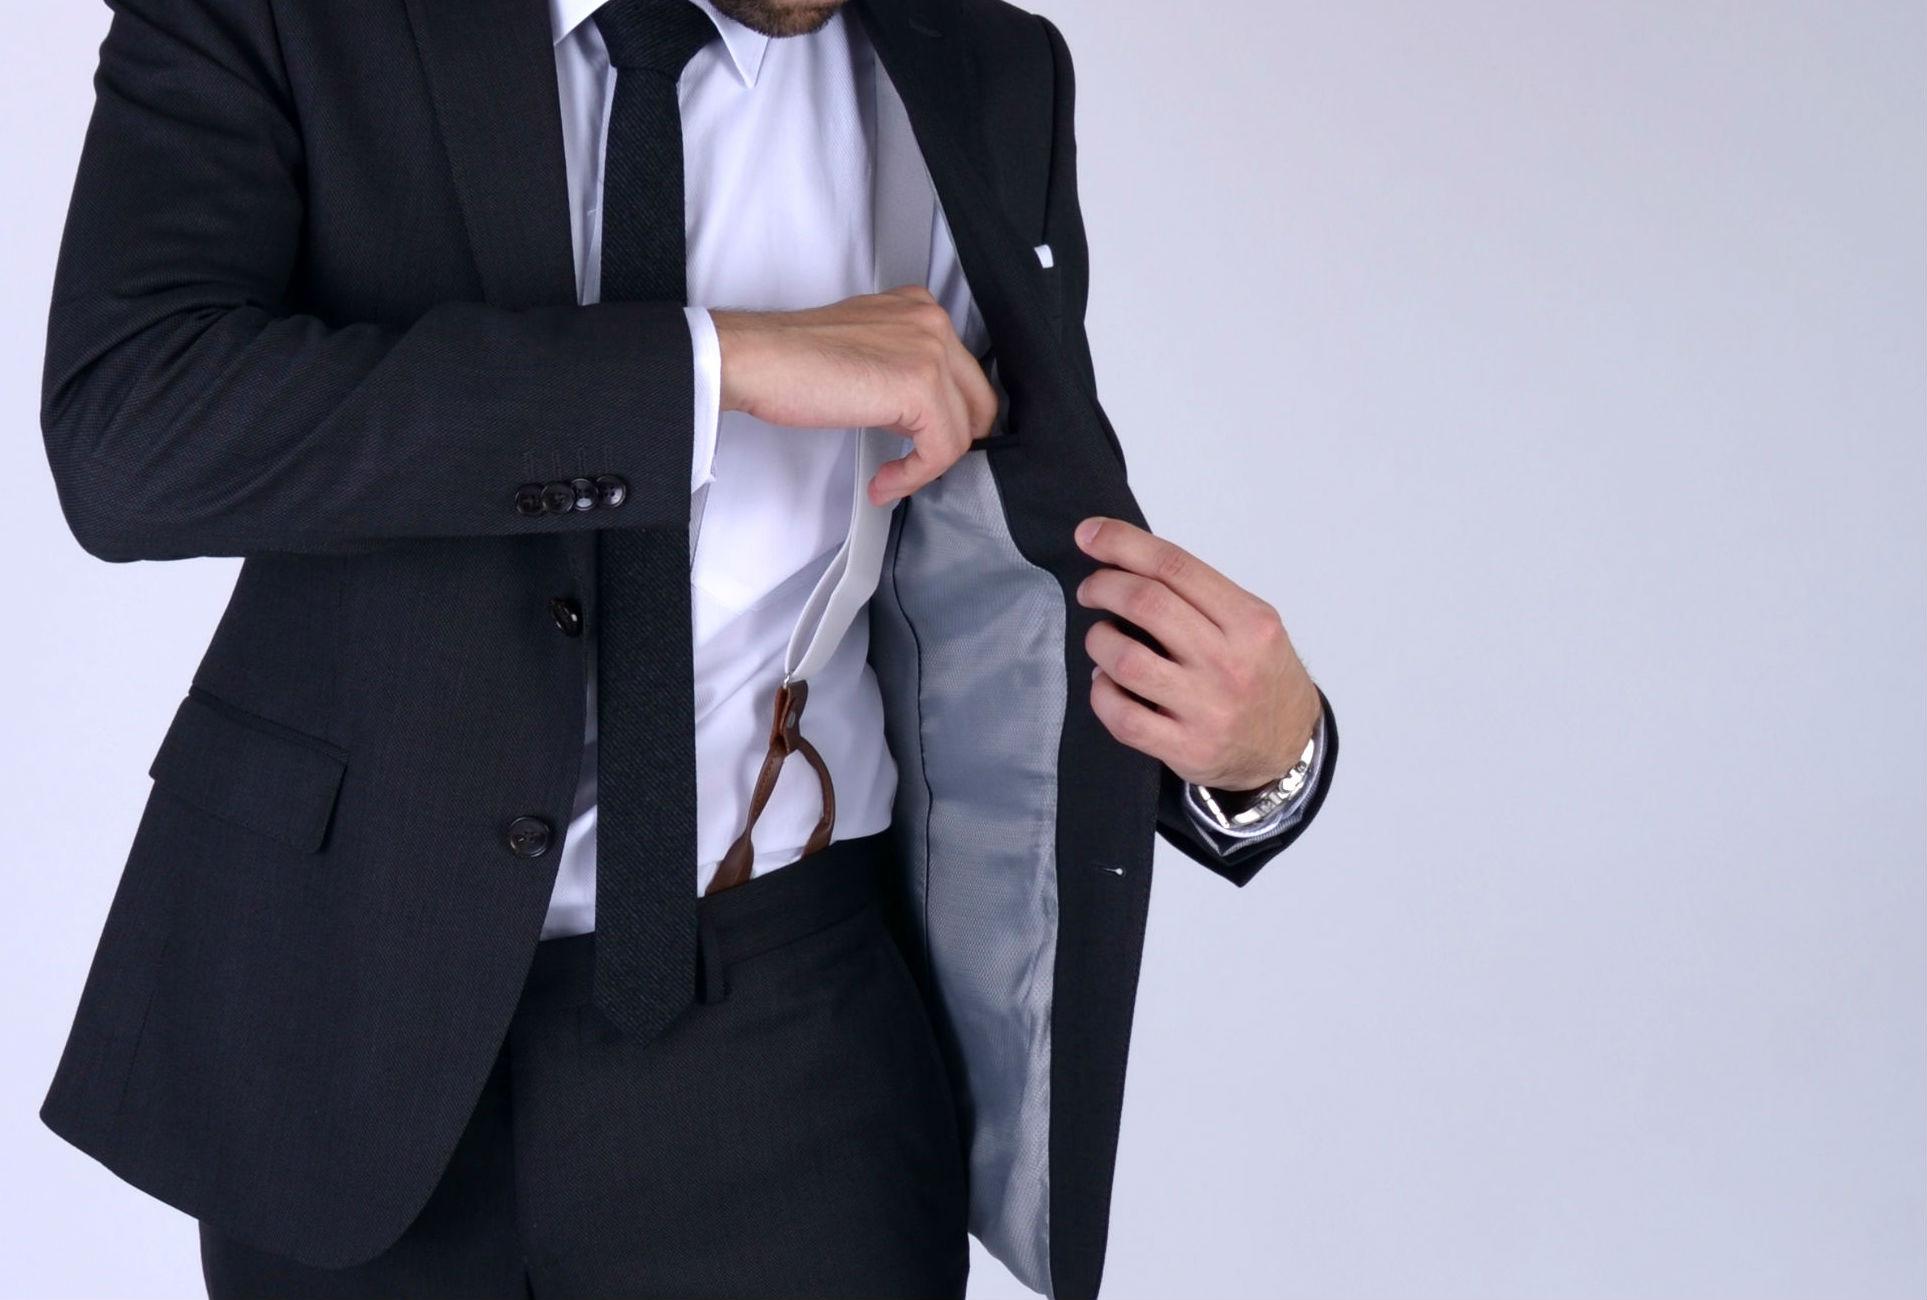 Welke Slowjuicer Moet Ik Kopen : Welke kleur pak moet ik kopen? - Mighty Good Man